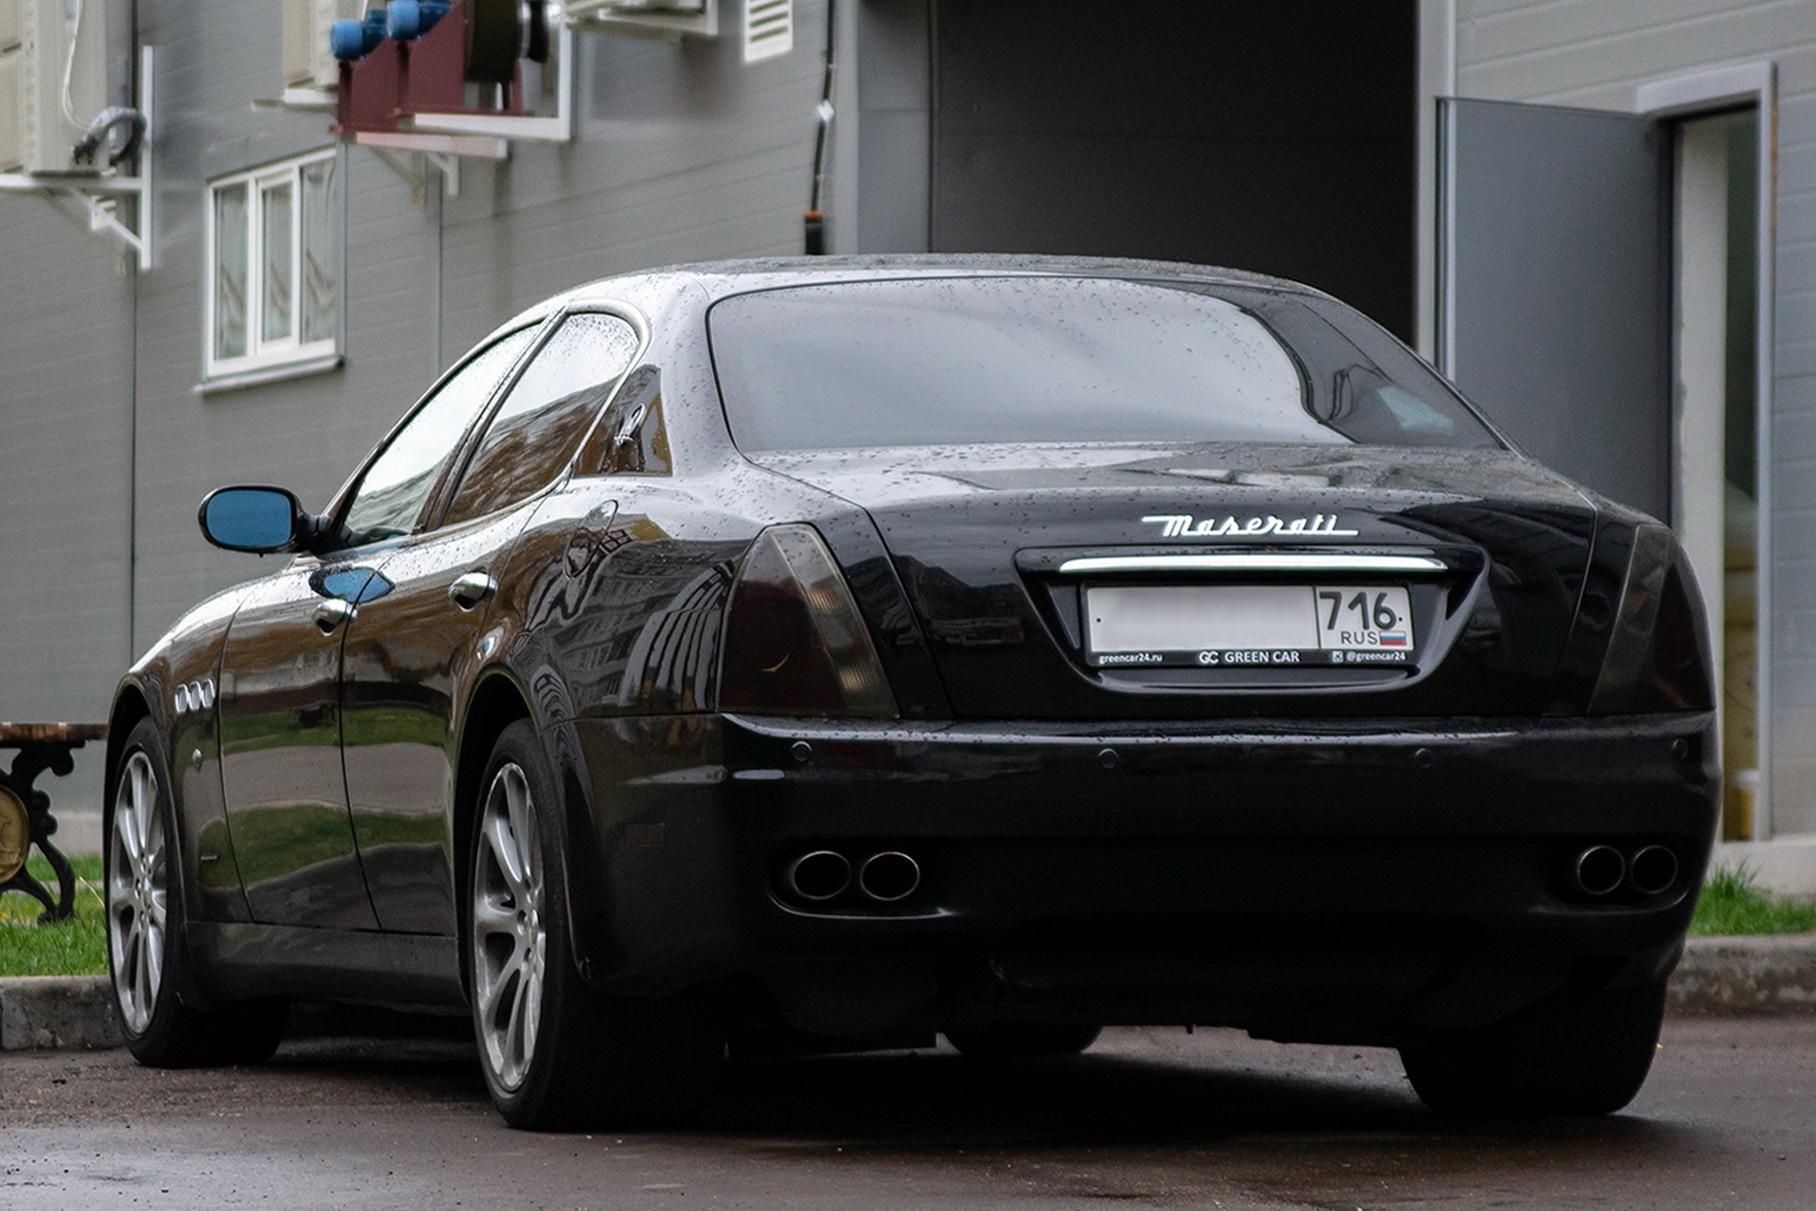 Владелец Maserati отсудил у российских властей 527 тысяч рублей из-за ямы на дороге